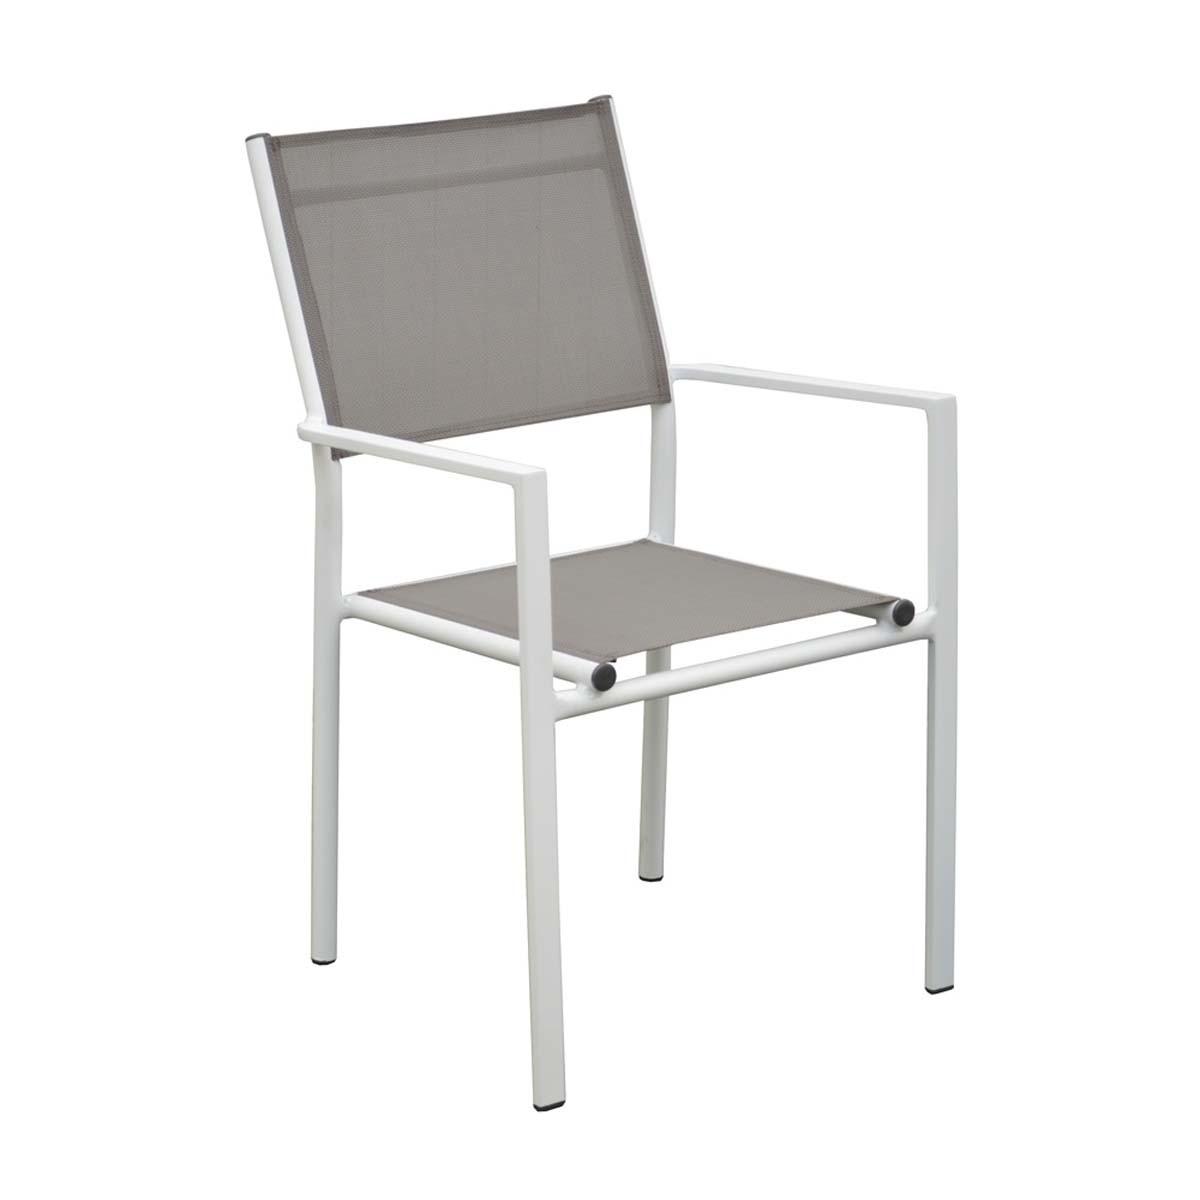 Fauteuil th ma mon jardin vivre - Chaises et fauteuils ...